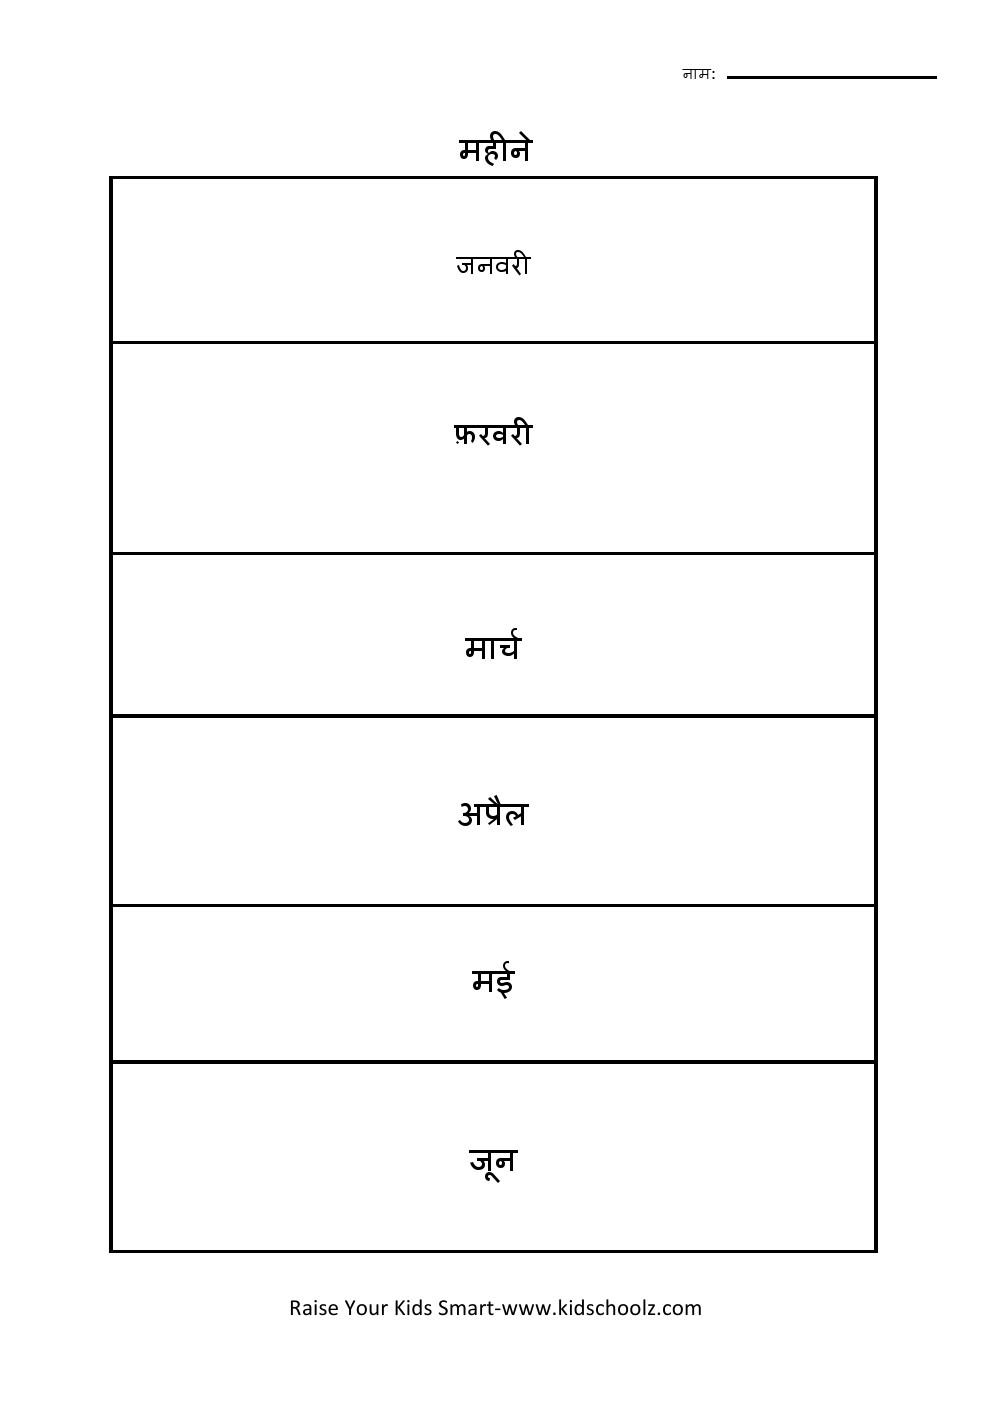 Hindi- Months Worksheet - Kidschoolz